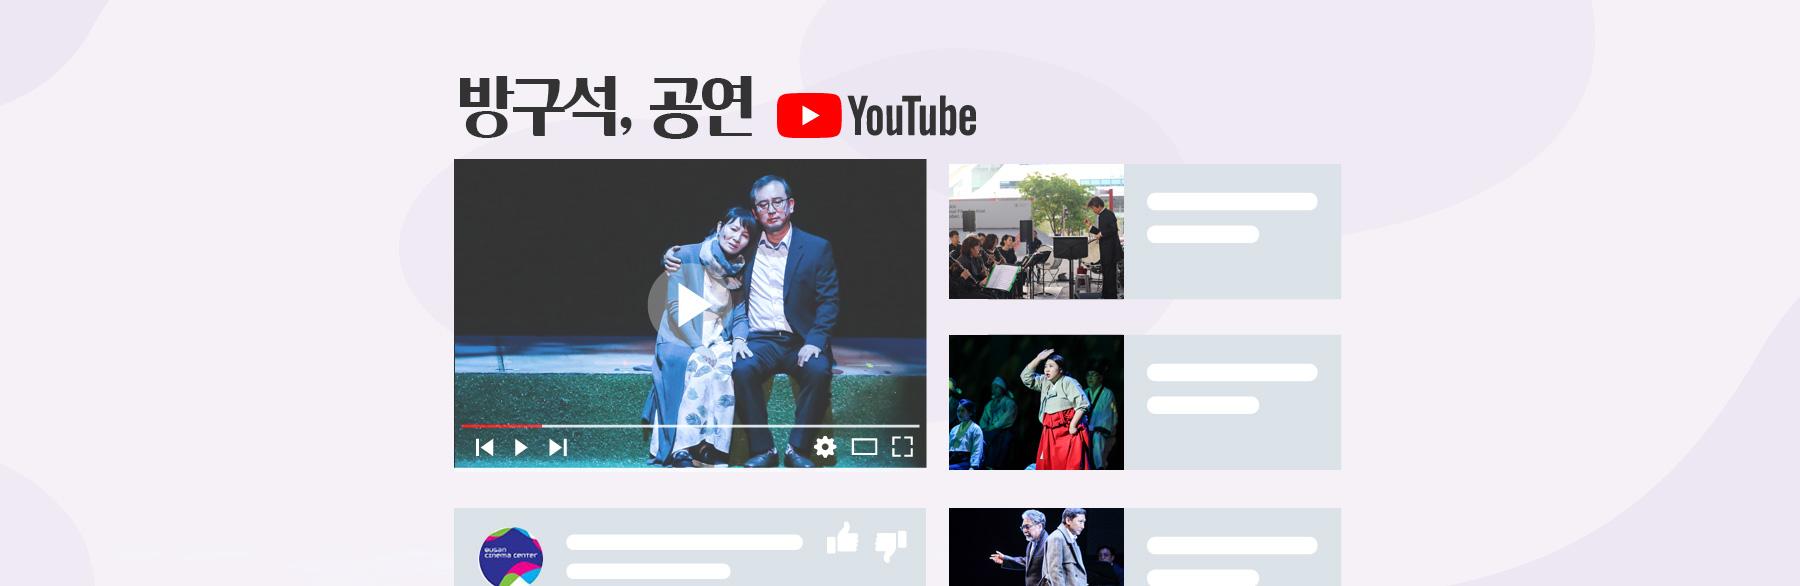 방구석, 공연 유투브 바로가기